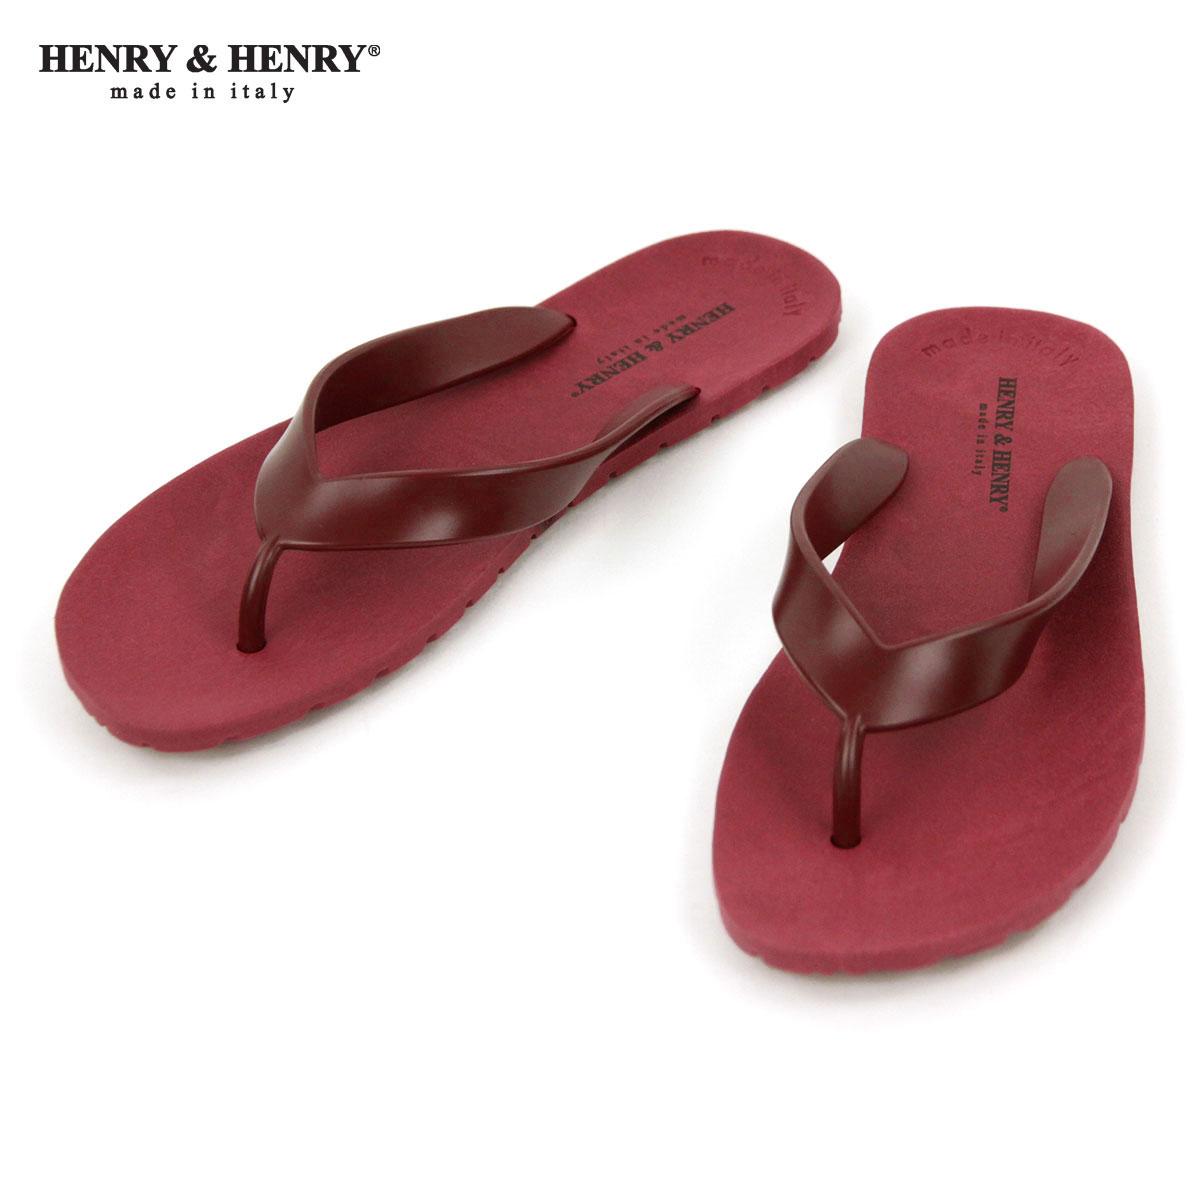 ヘンリーアンドヘンリー HENRY&HENRY 正規販売店 サンダル フリッパー FRIPPER SANDAL WINE 18 A66B B3C C4D D3E E11F